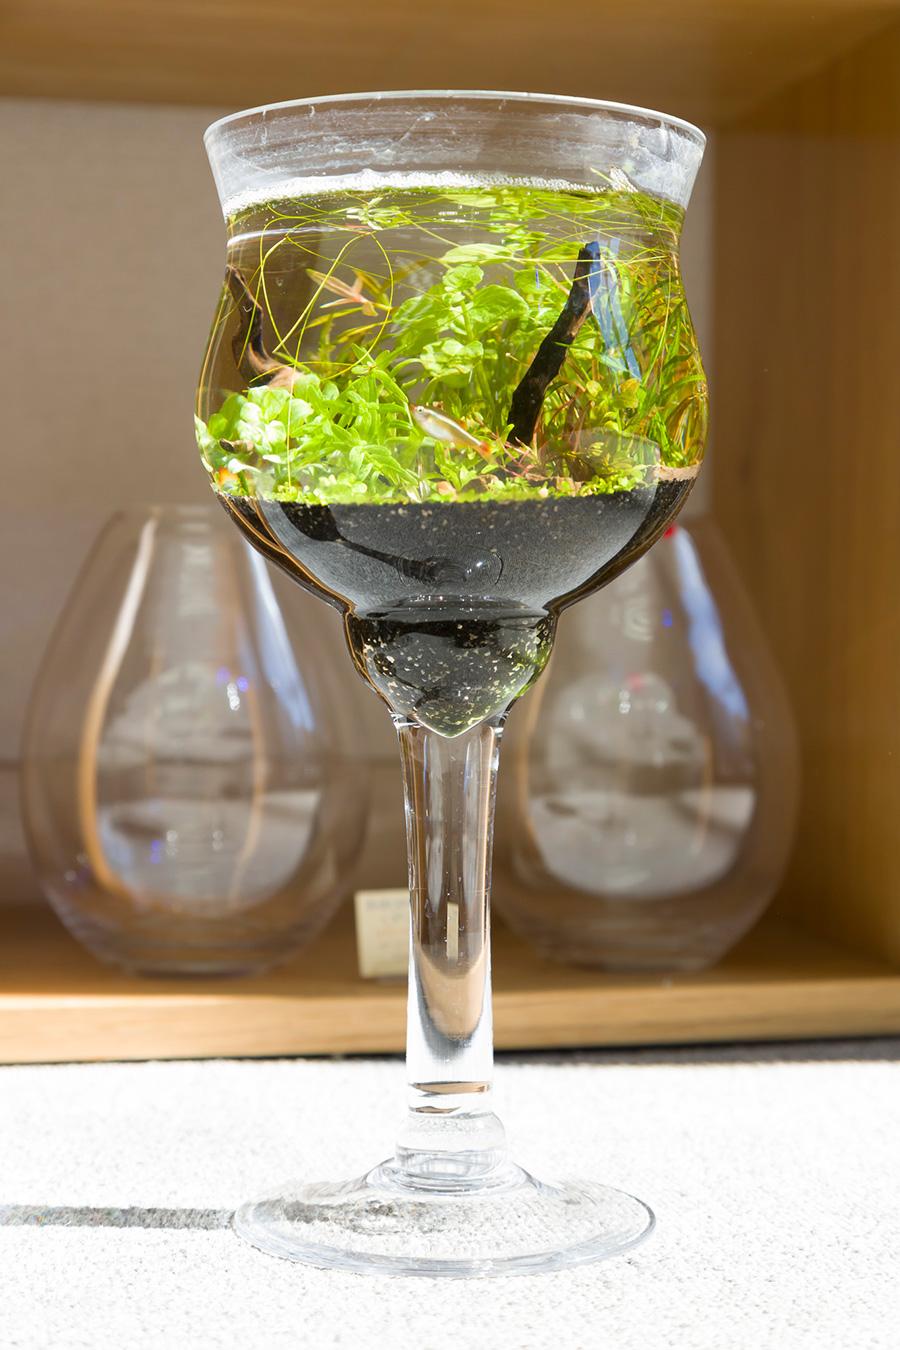 巨大なワイングラスのような器に小さなアカヒレが泳ぐ。¥5800〜。